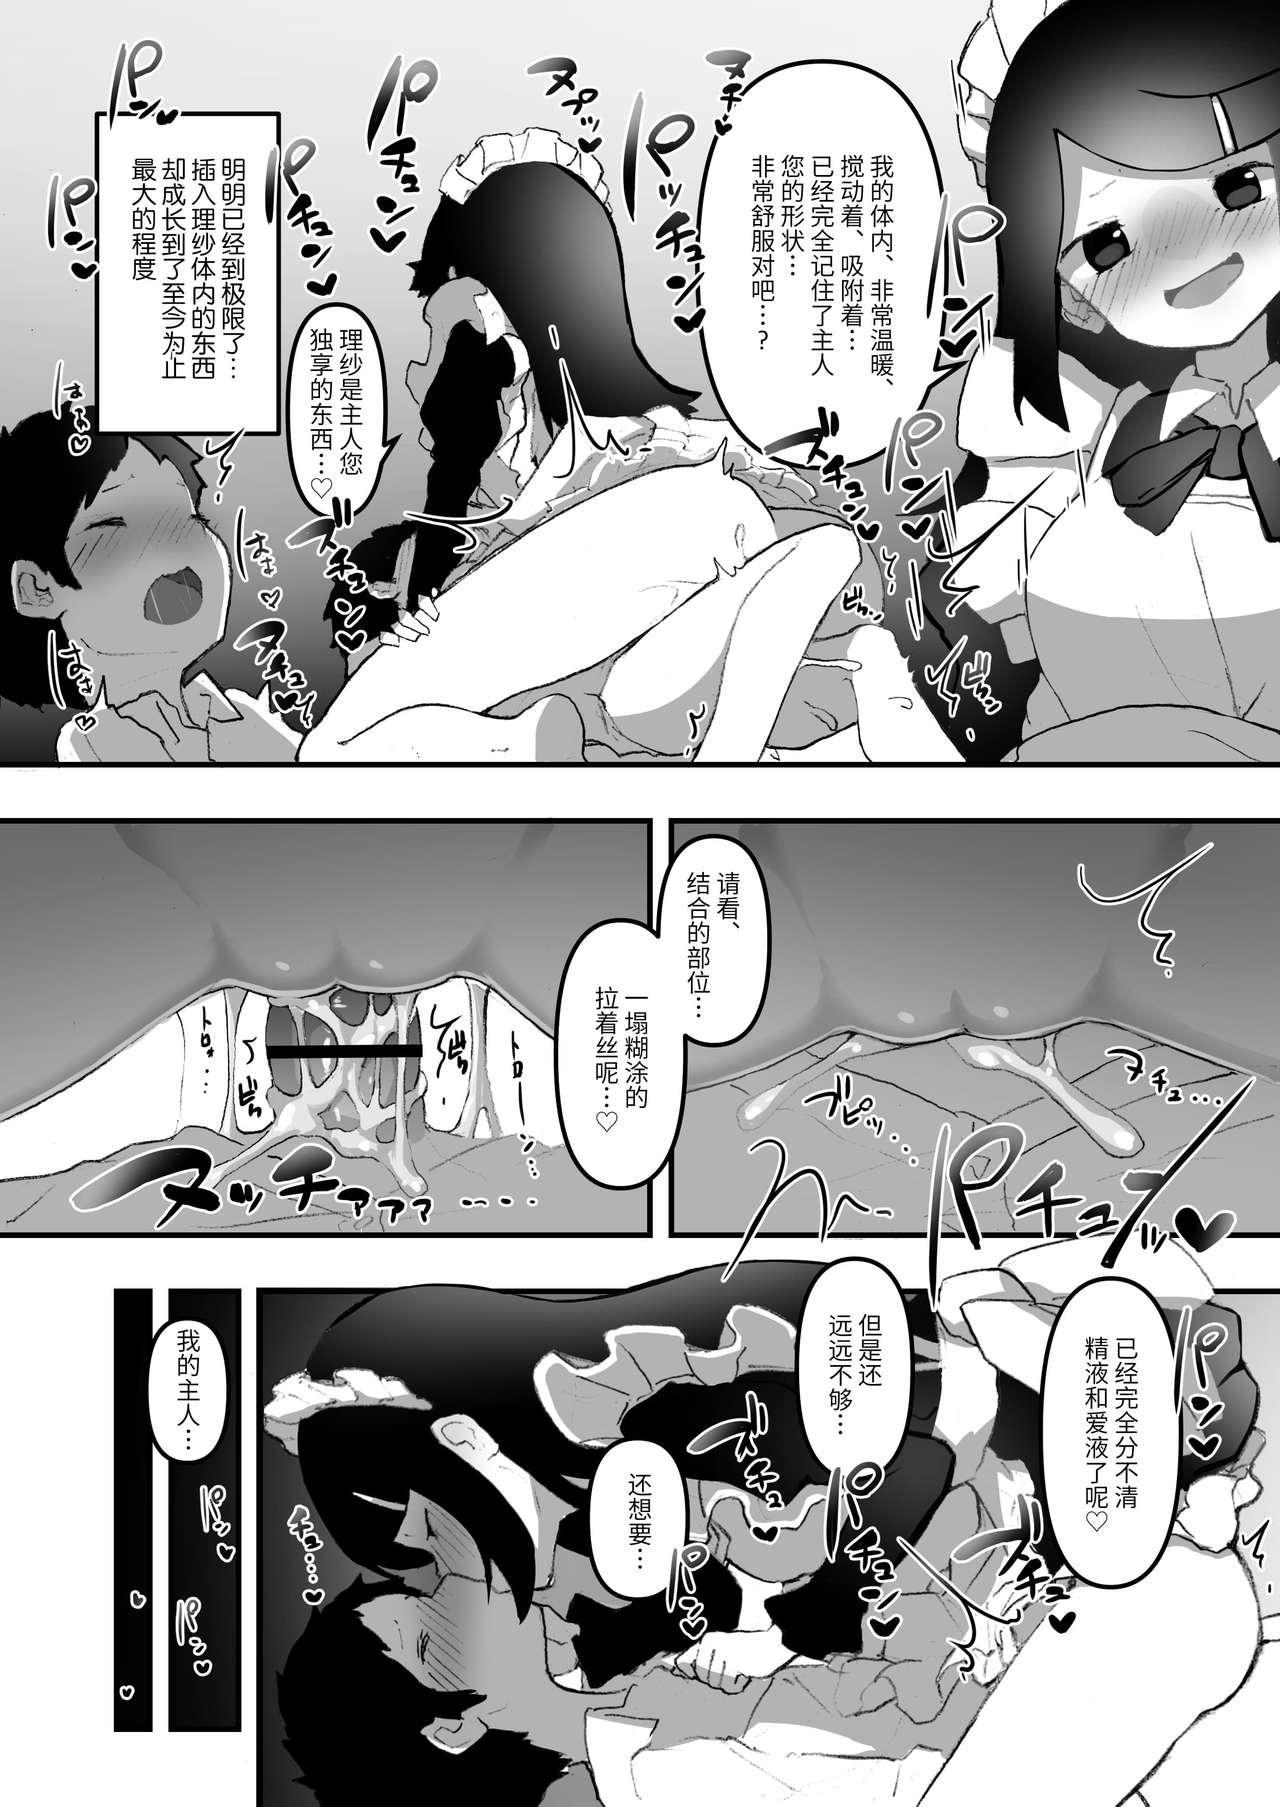 Chinkasu de kimaru Onna-tachi Comic Anthology 91